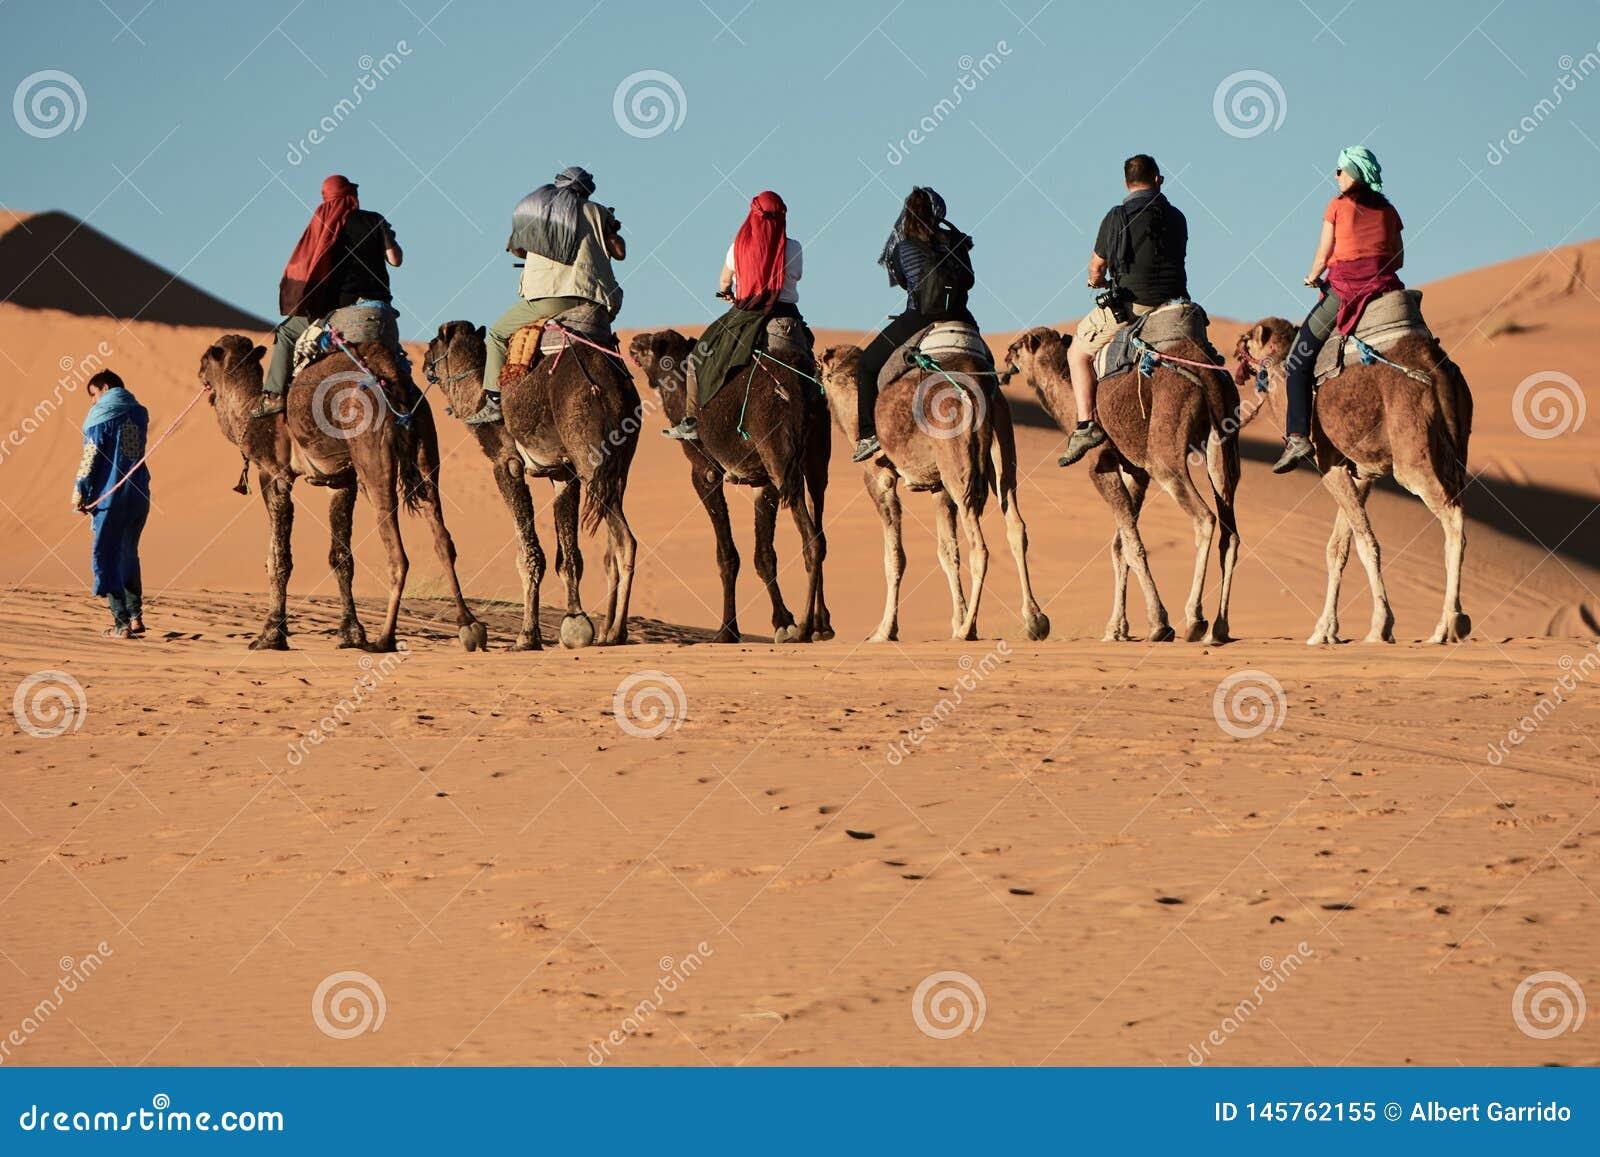 Merzouga, Marokko - 5. Dezember 2018: Kamelexkursion in der merzouga Wüste